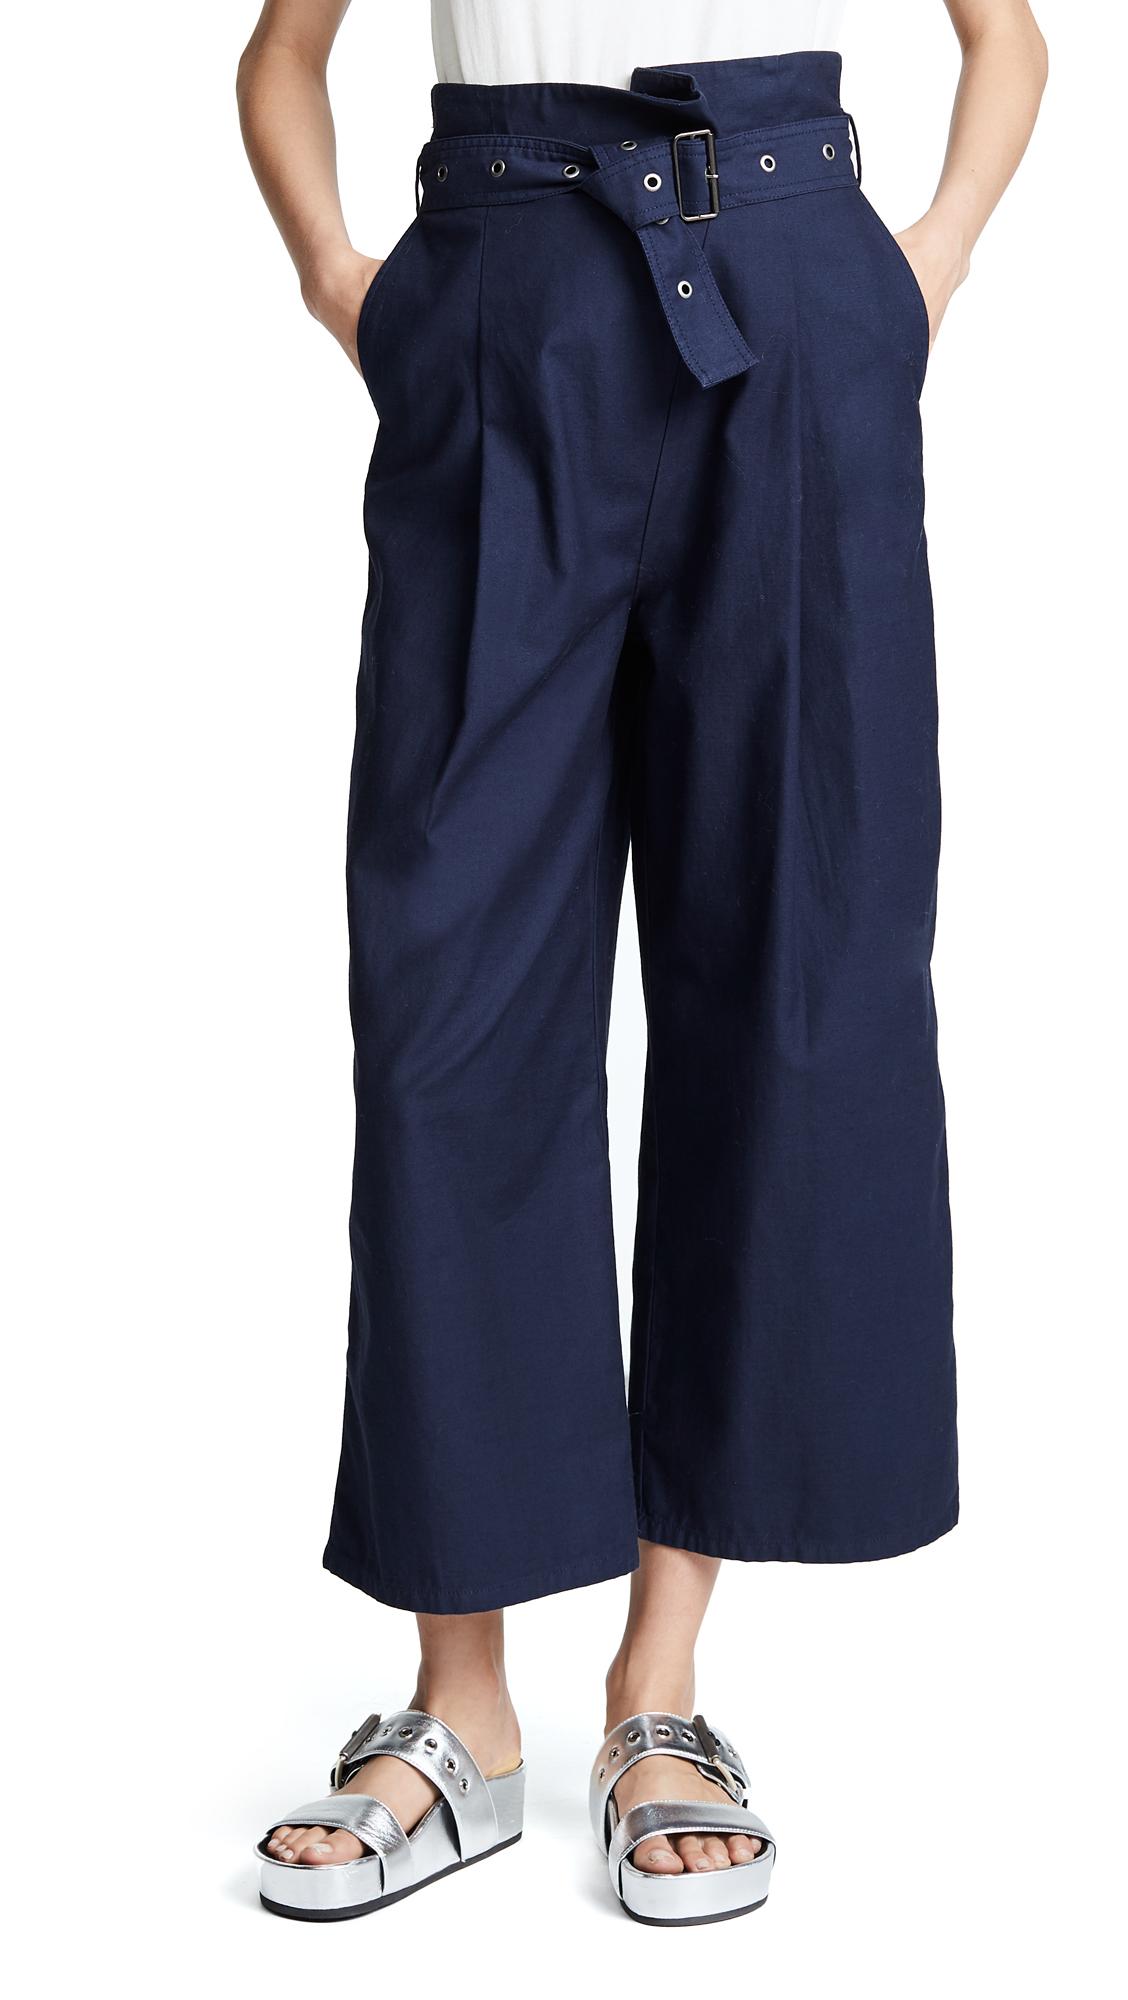 J Brand Via Pleat Front Pants - Province Blue